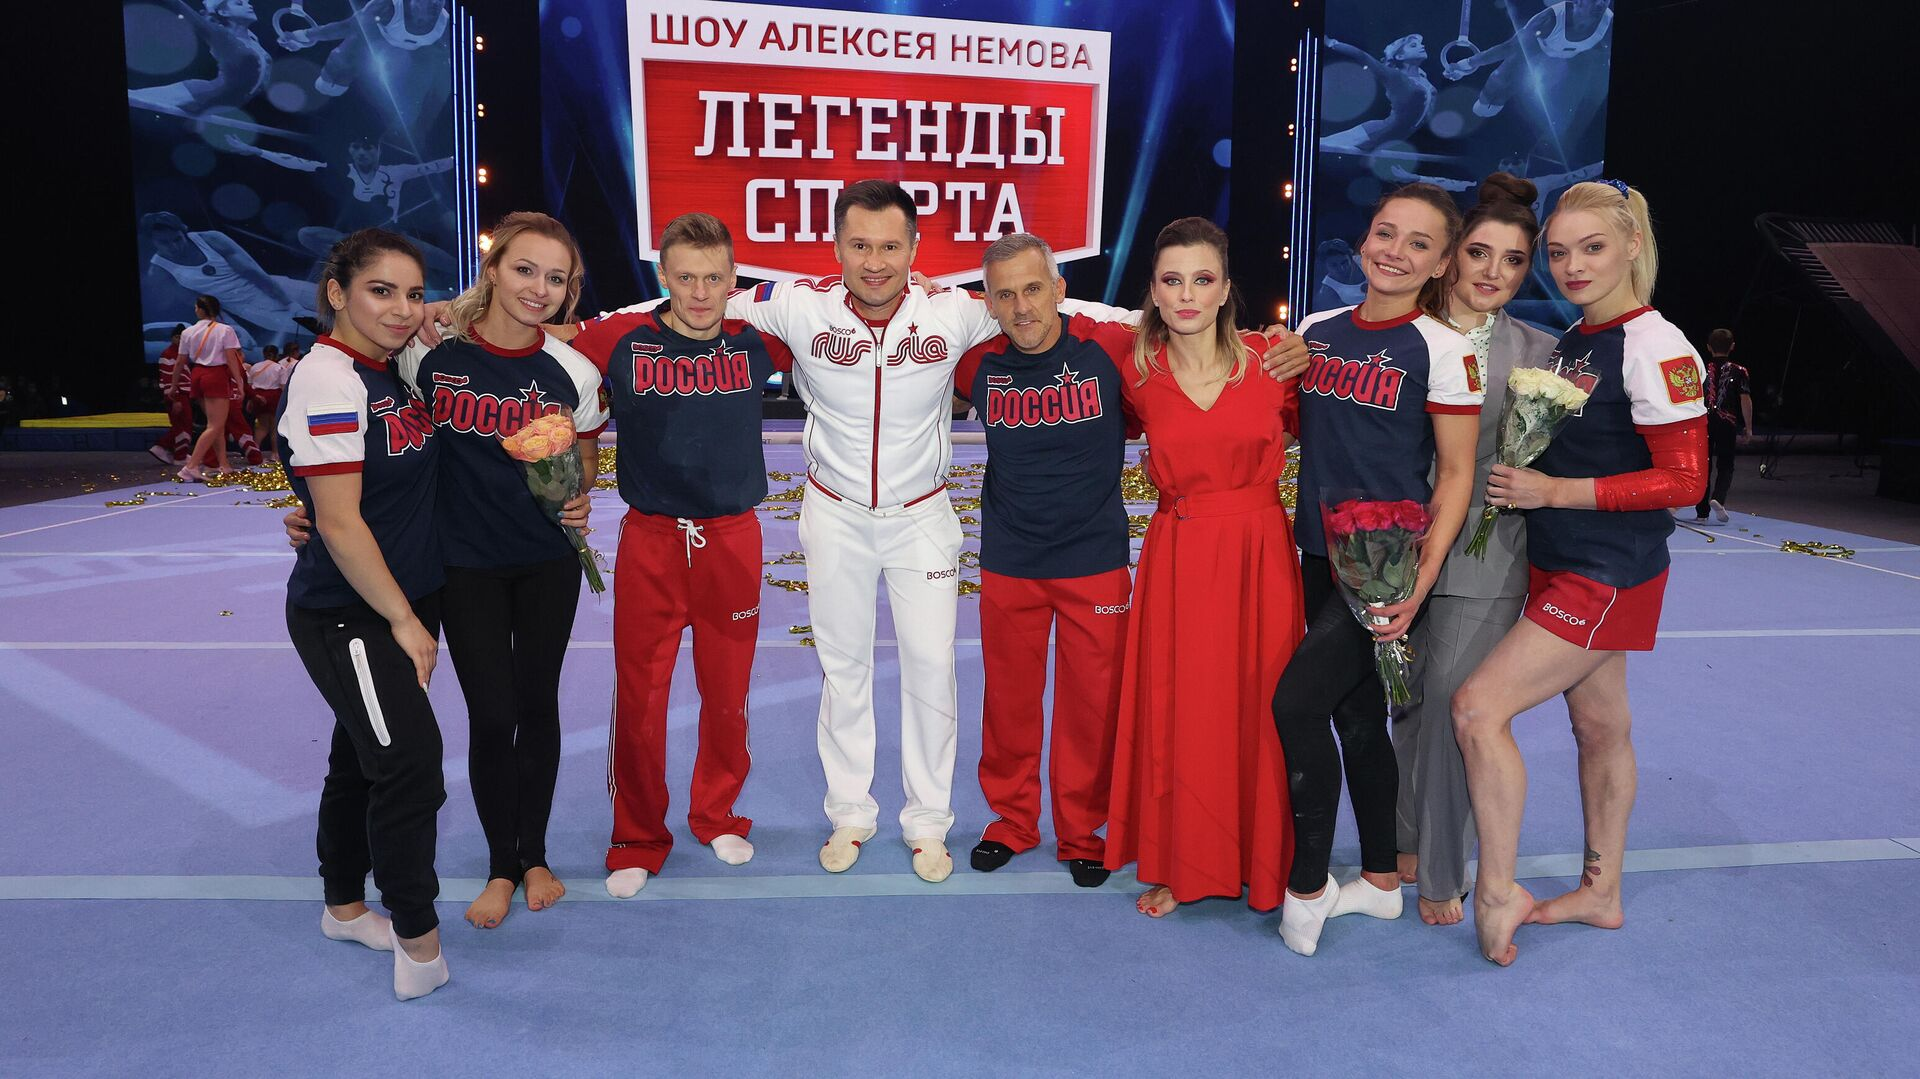 Шоу Алексея Немова - РИА Новости, 1920, 03.11.2020